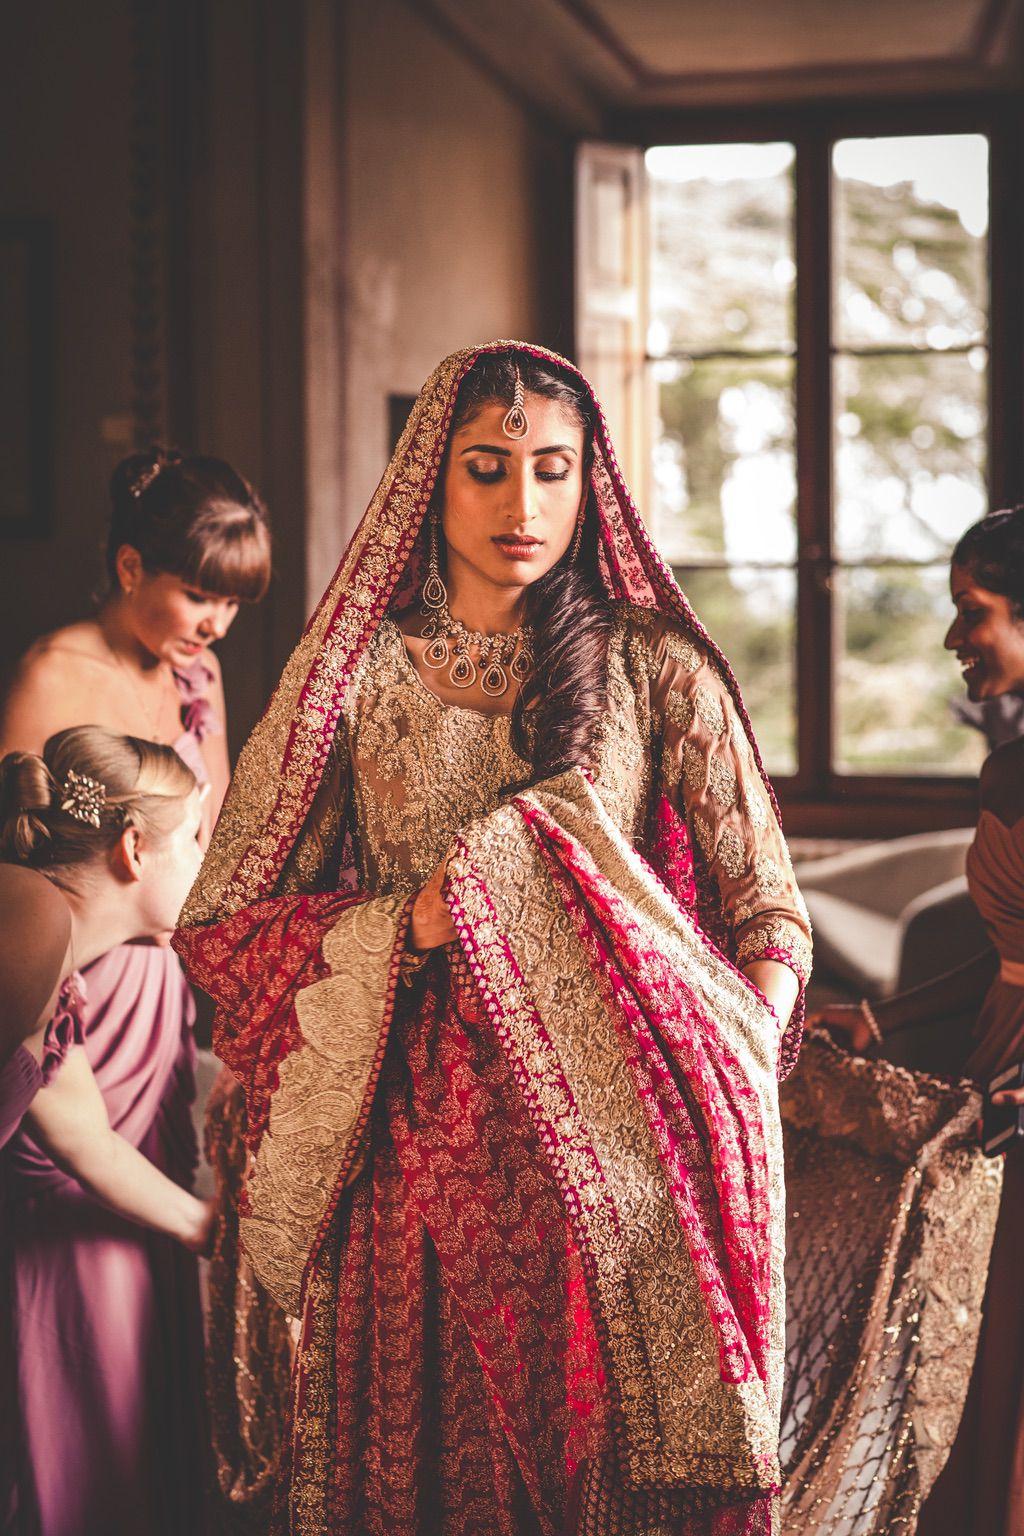 Sana-Safinaz-traditional-pakistani-dress-bride-villa-catignano-tuscany-067